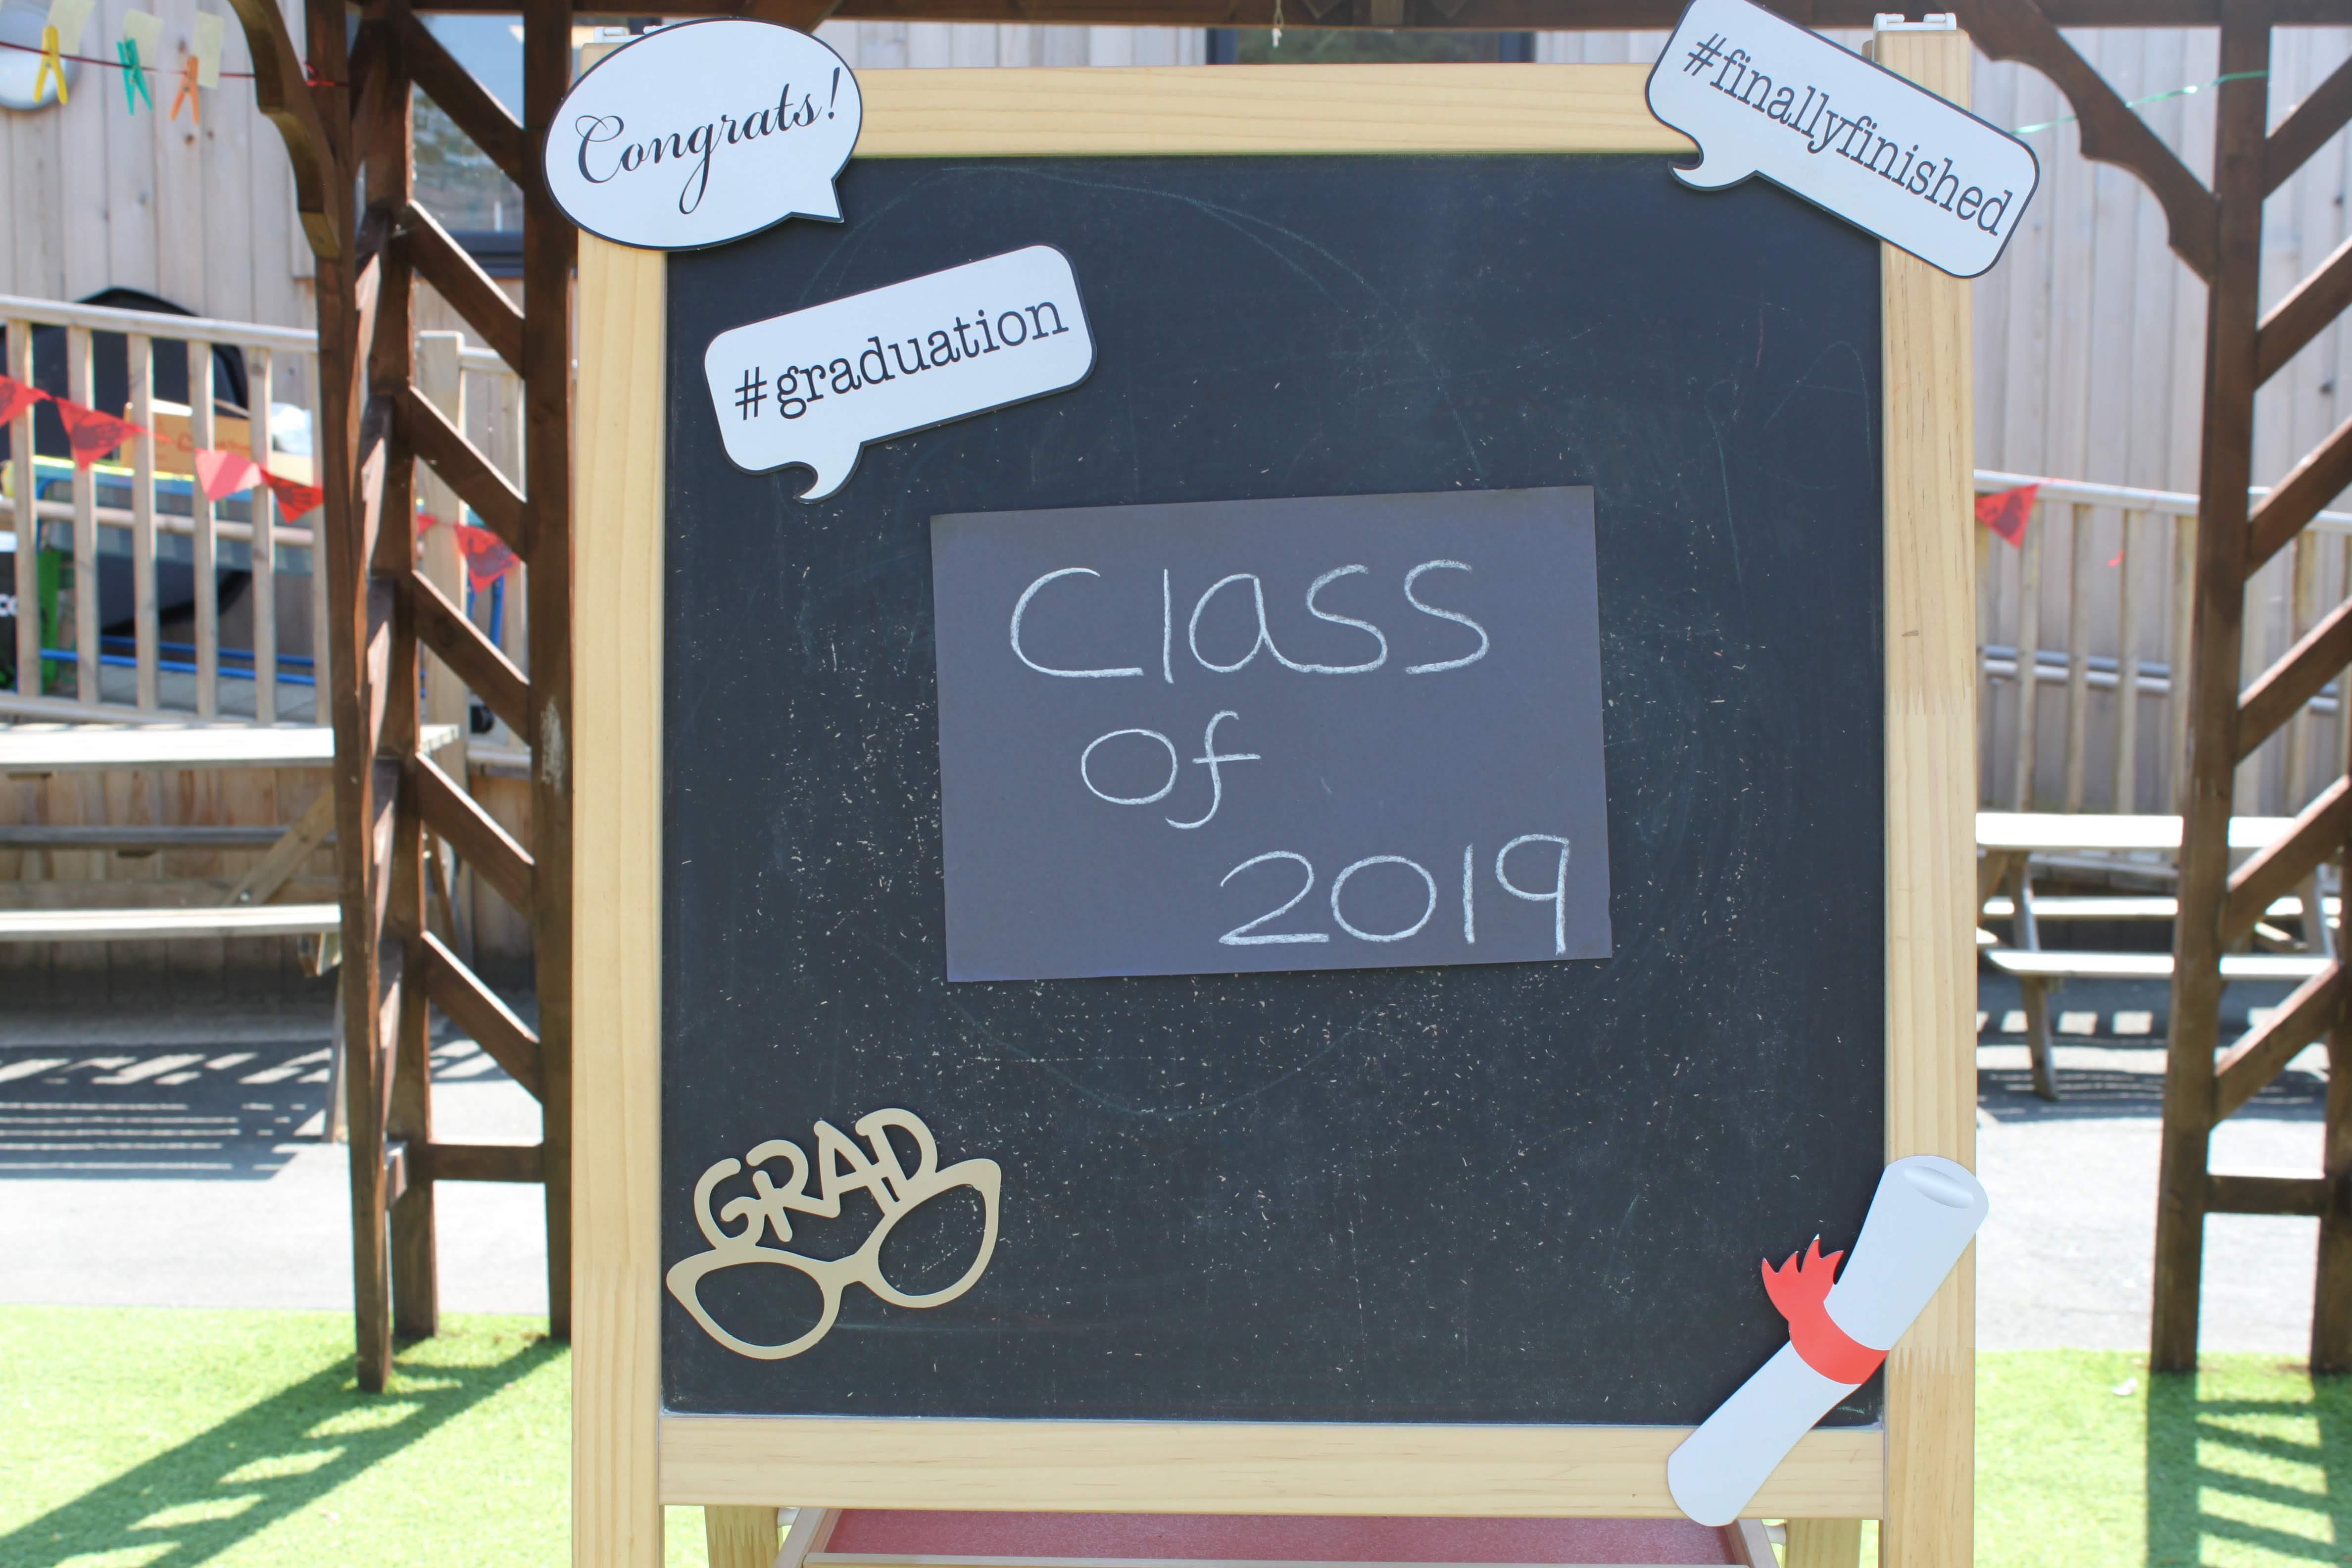 Class of 2019 chalkboard